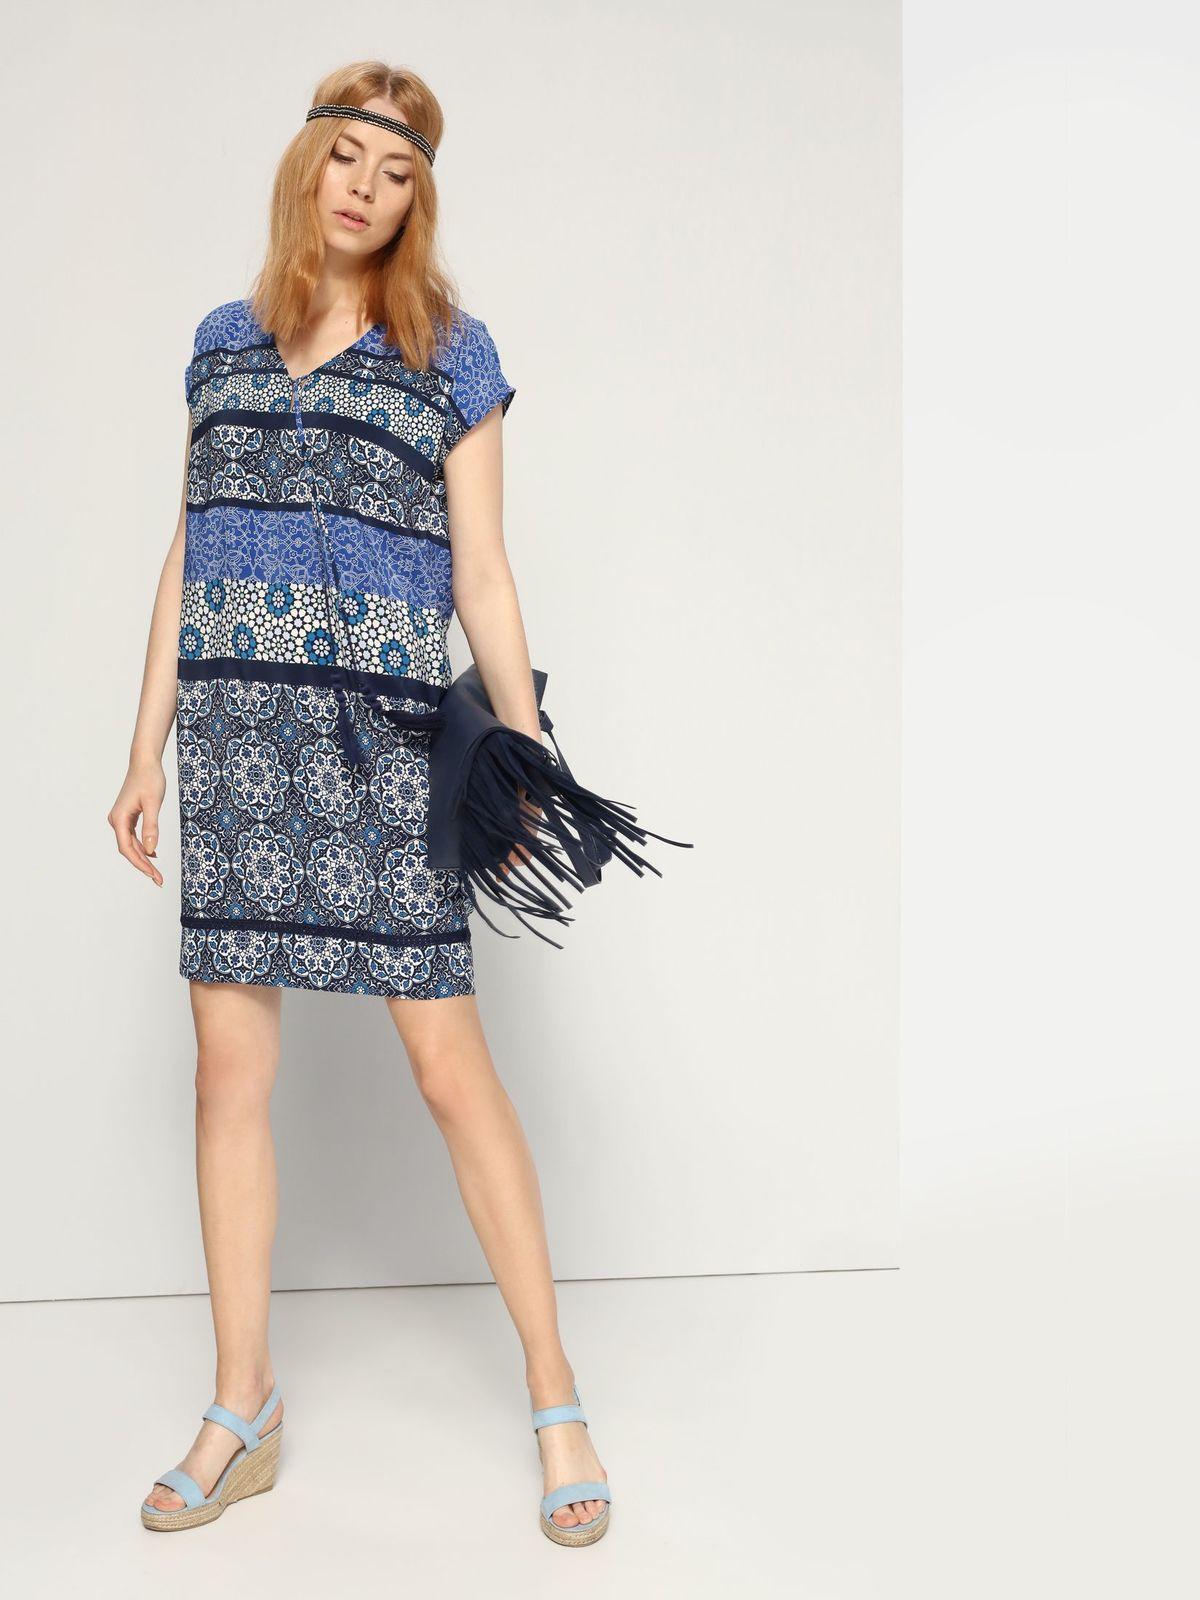 Платье Top Secret, цвет: темно-синий, мультиколор. SSU1573GR. Размер 34 (40)SSU1573GRПлатье Top Secret выполнено из 100% полиэстера. Платье-мини с V-образным вырезом горловины и короткими рукавами-кимоно. Модель оформлена оригинальным принтом и дополнено кружевной вставкой по низку и оригинальным бантом с кисточками на груди.